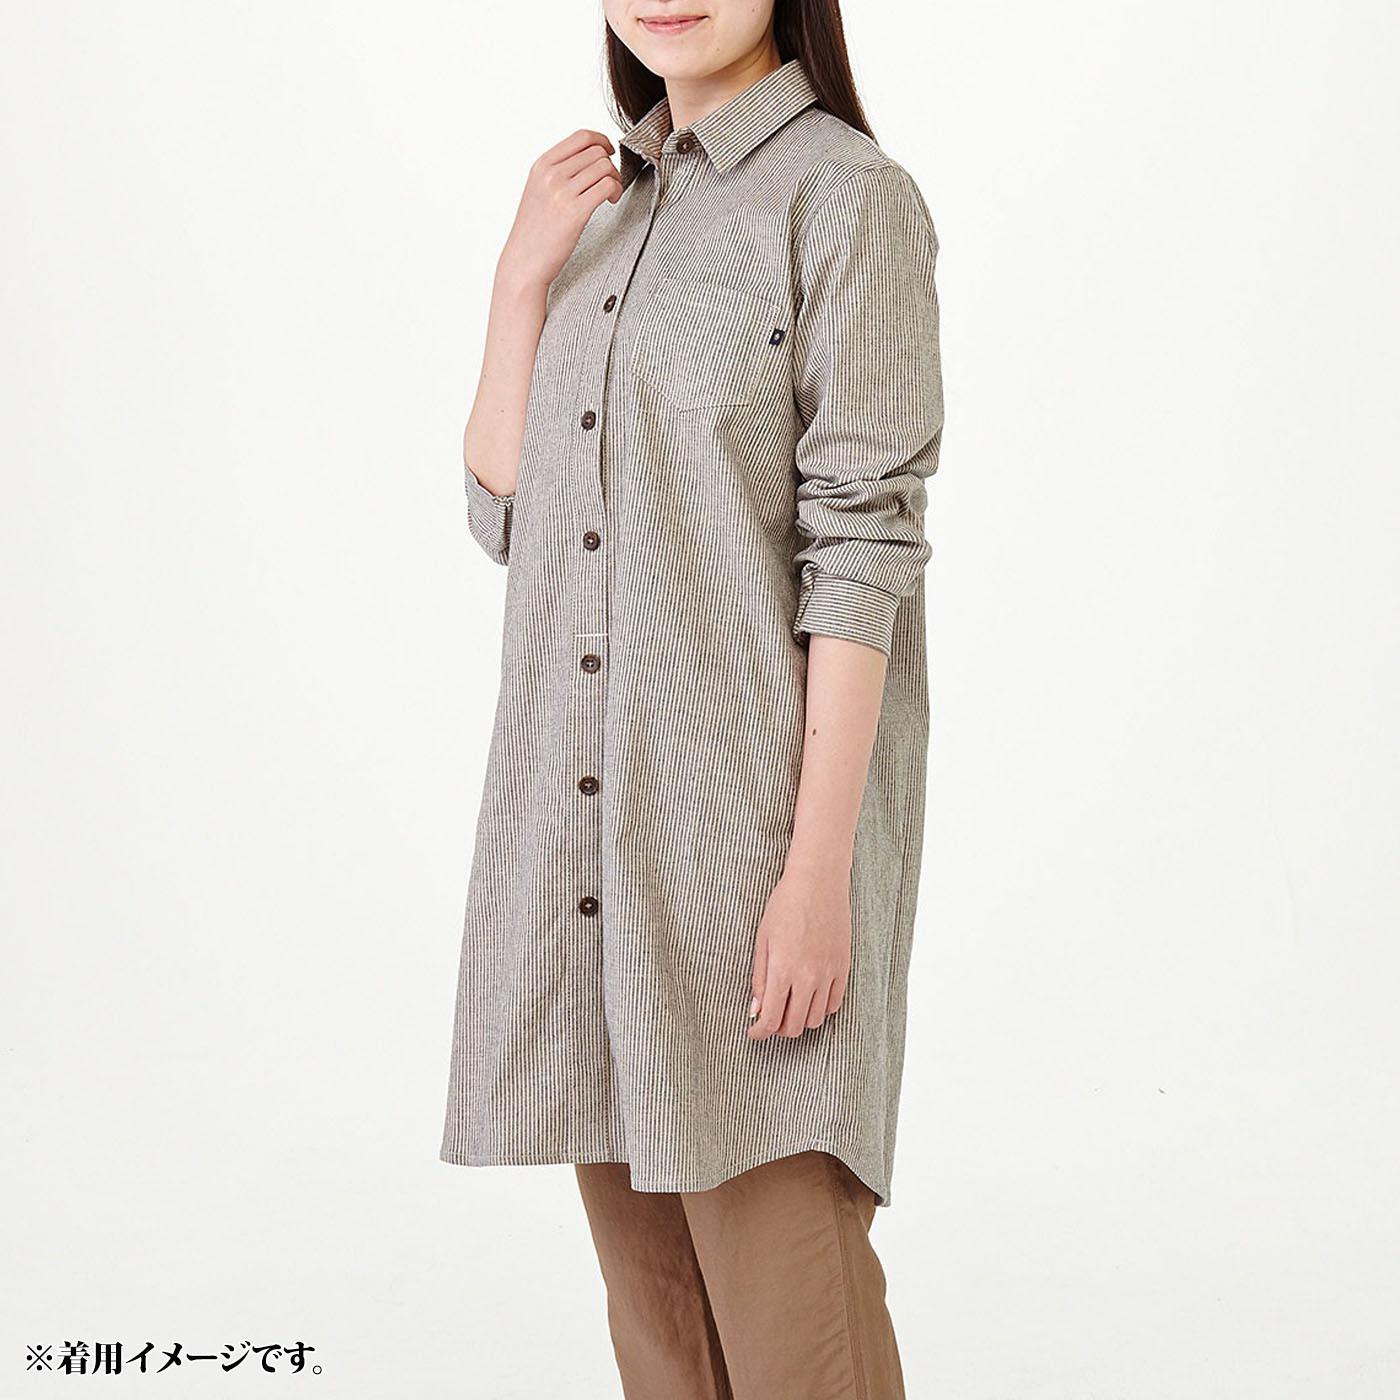 モデル身長約160cm 着用サイズM 袖口はボタンではなくゴムなので、さっと腕まくりできます。 ※お届けするカラーとは異なります。